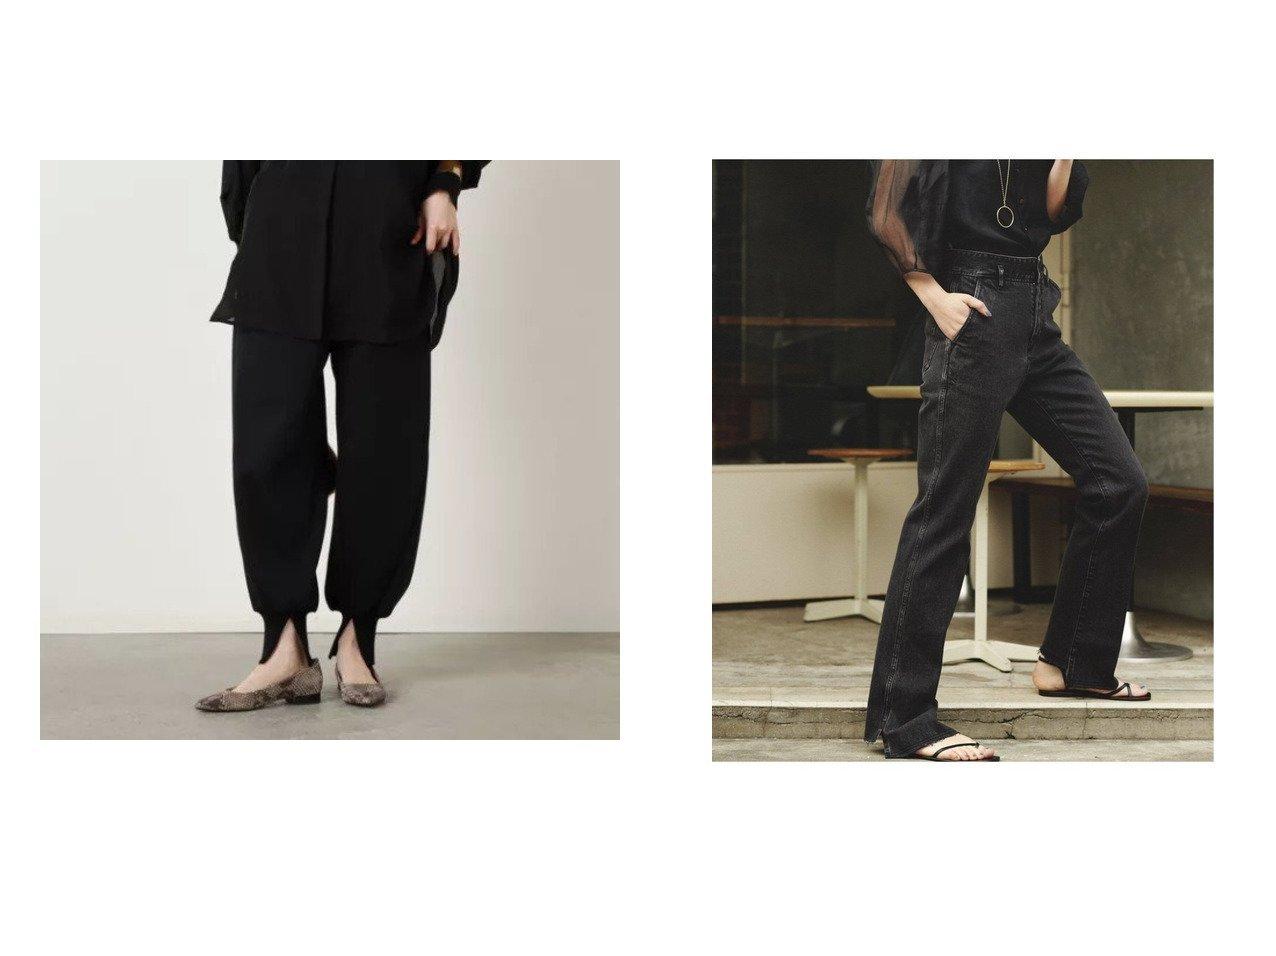 【Spick & Span/スピック&スパン】の【2】BEAUTY-LINE スリットデニム&【NOLLEY'S/ノーリーズ】の【SALT+ソルトプラスジャパン】ダンボールボリュームパンツ 【パンツ】おすすめ!人気、トレンド・レディースファッションの通販 おすすめで人気の流行・トレンド、ファッションの通販商品 インテリア・家具・メンズファッション・キッズファッション・レディースファッション・服の通販 founy(ファニー) https://founy.com/ ファッション Fashion レディースファッション WOMEN パンツ Pants NEW・新作・新着・新入荷 New Arrivals 2021年 2021 2021-2022秋冬・A/W AW・Autumn/Winter・FW・Fall-Winter・2021-2022 A/W・秋冬 AW・Autumn/Winter・FW・Fall-Winter ジーンズ スリット デニム リラックス おすすめ Recommend お家時間・ステイホーム Home Time/Stay Home |ID:crp329100000070653